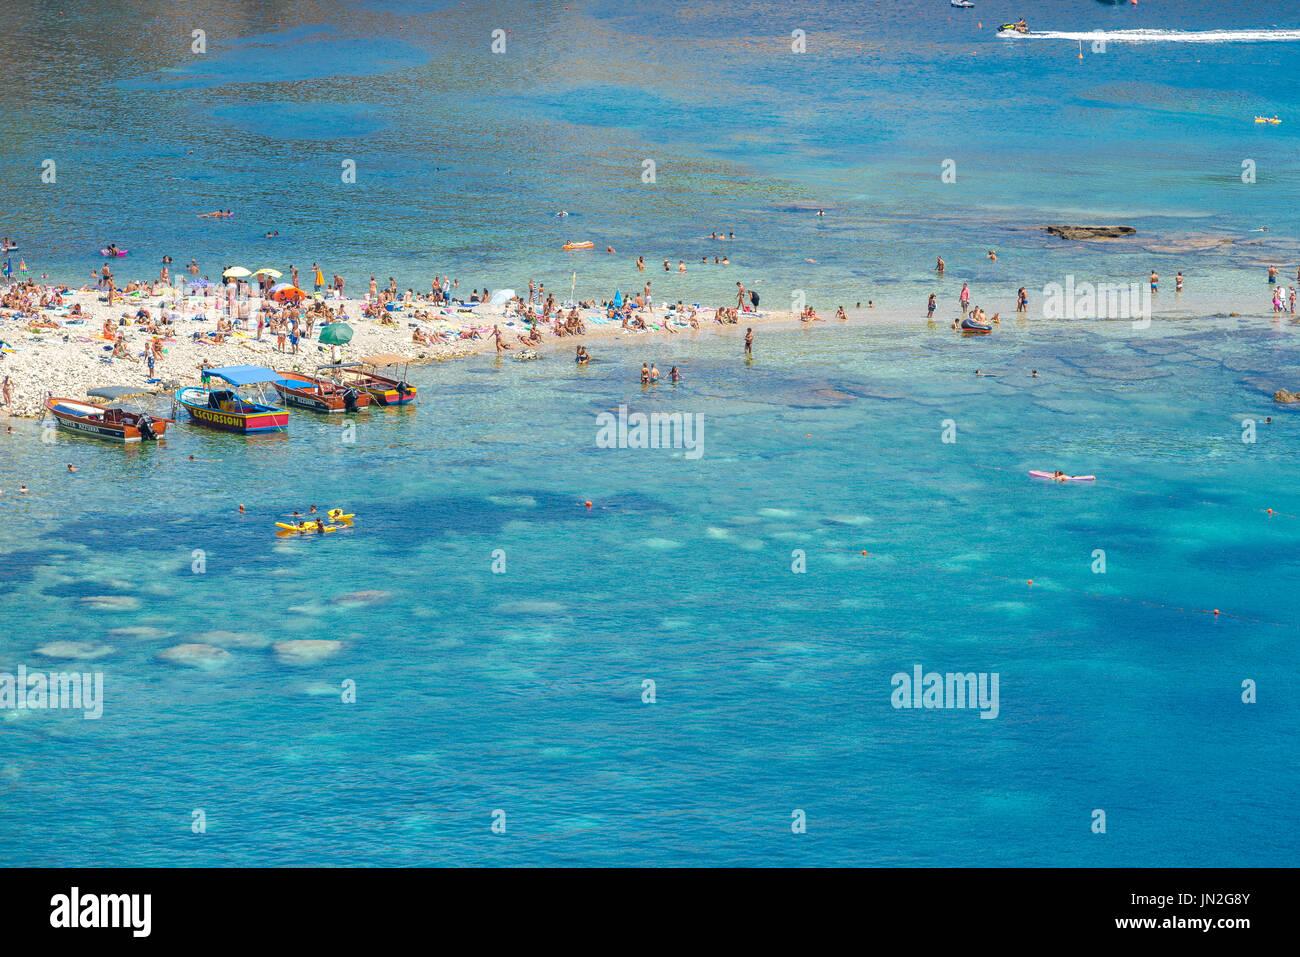 La plage de Mazzarò Taormina en Sicile, à proximité de la plage de Mazzarò est une destination populaire en été pour les amateurs de soleil ou nager. Photo Stock